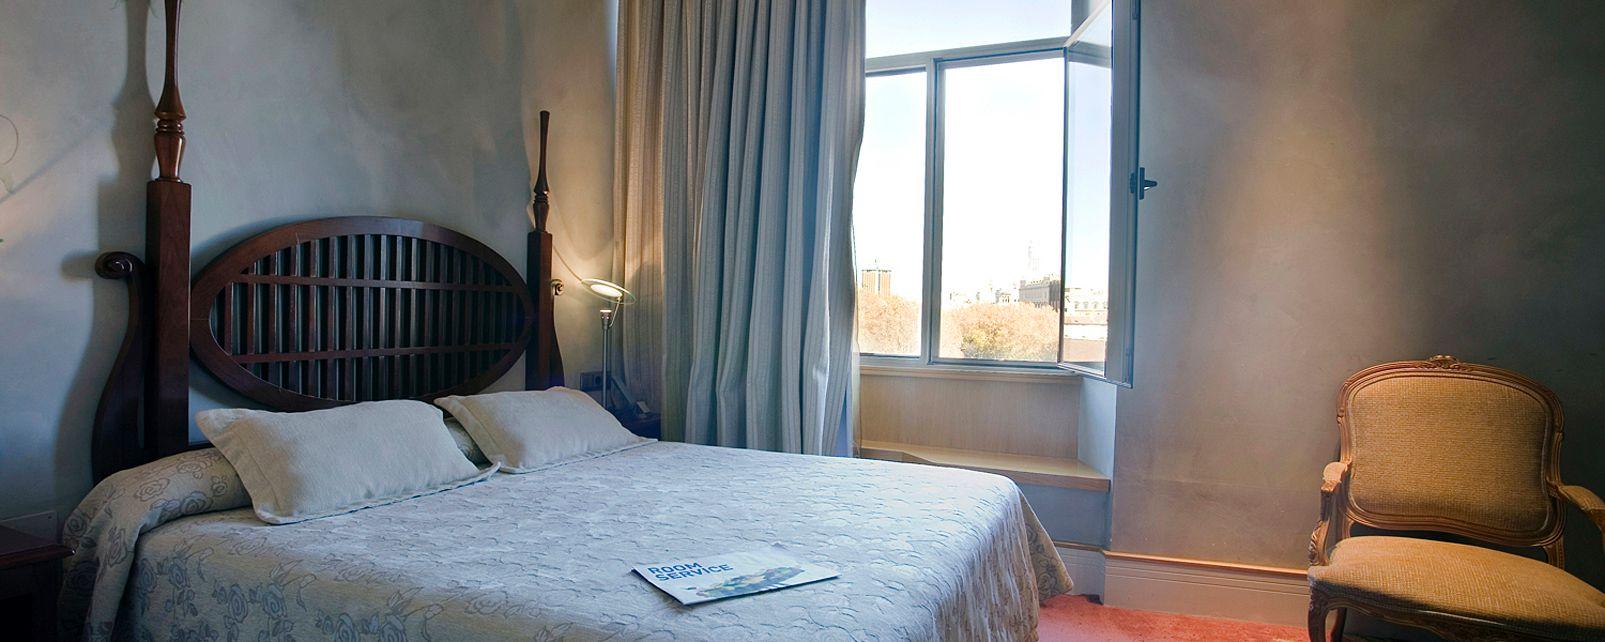 Hotel NH Paseo del Prado